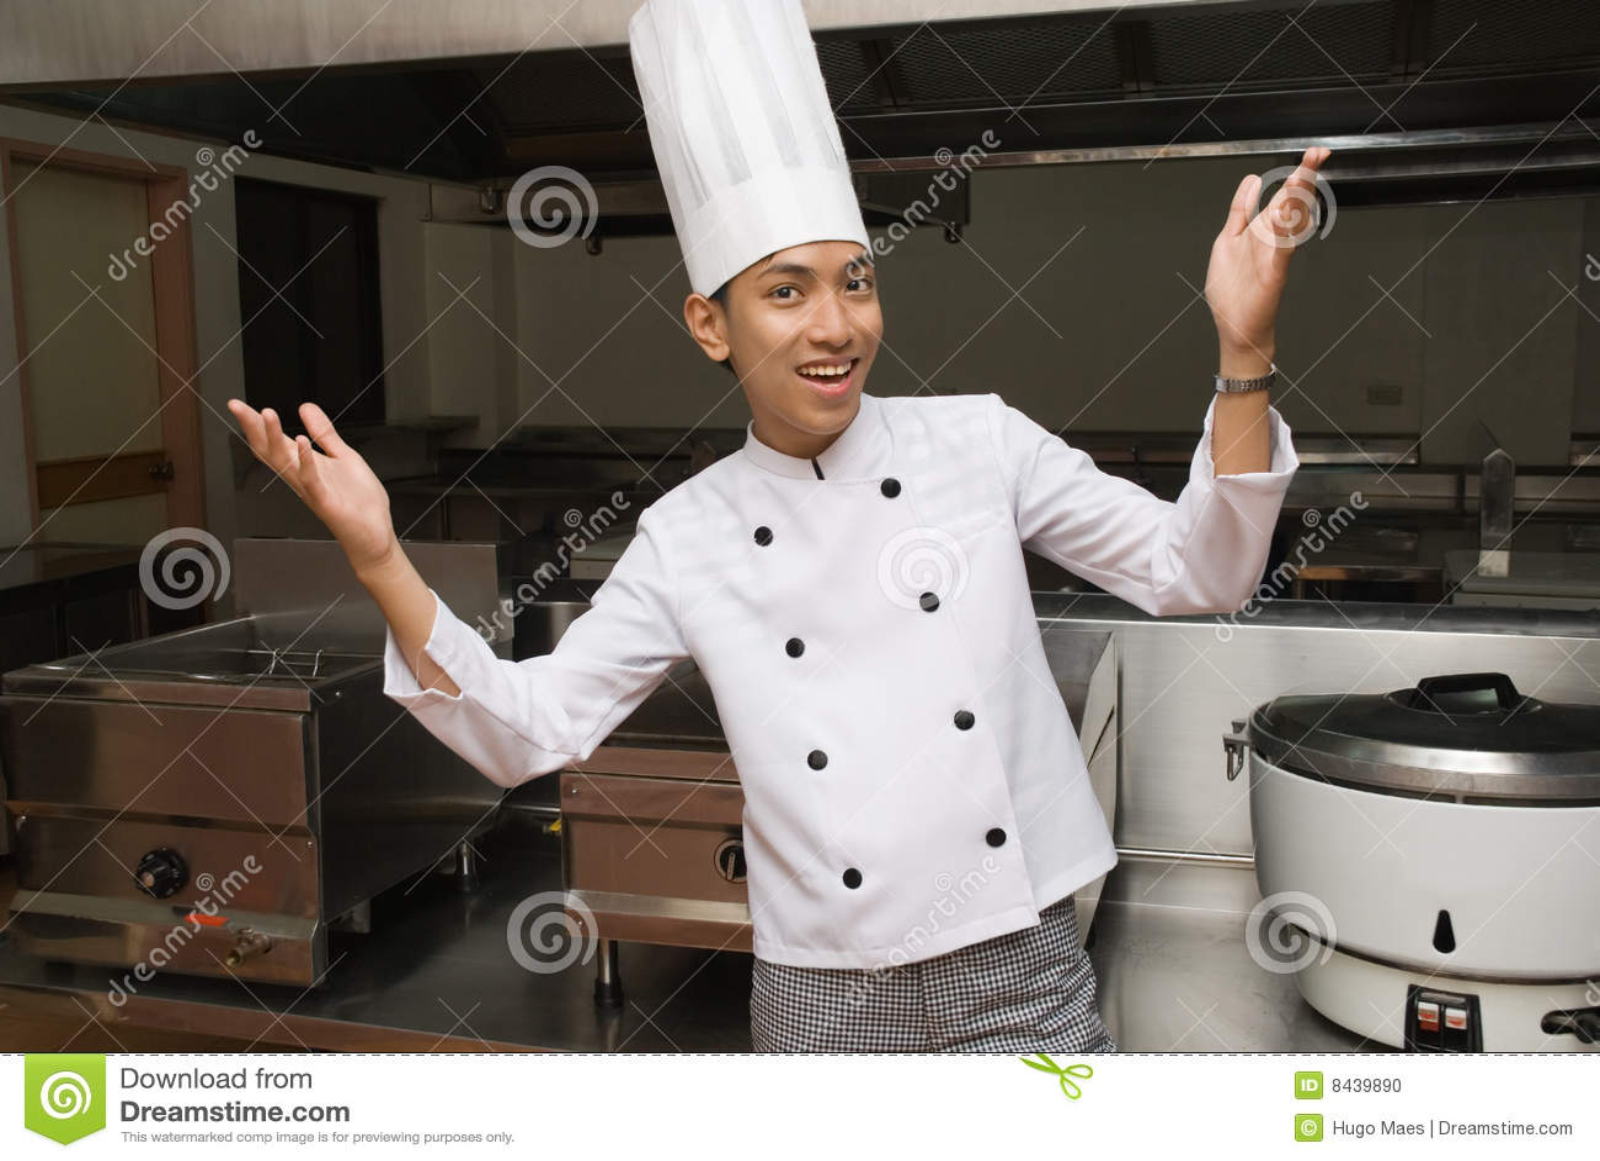 chef chinois dans la cuisine de restaurant photo stock image 8439890